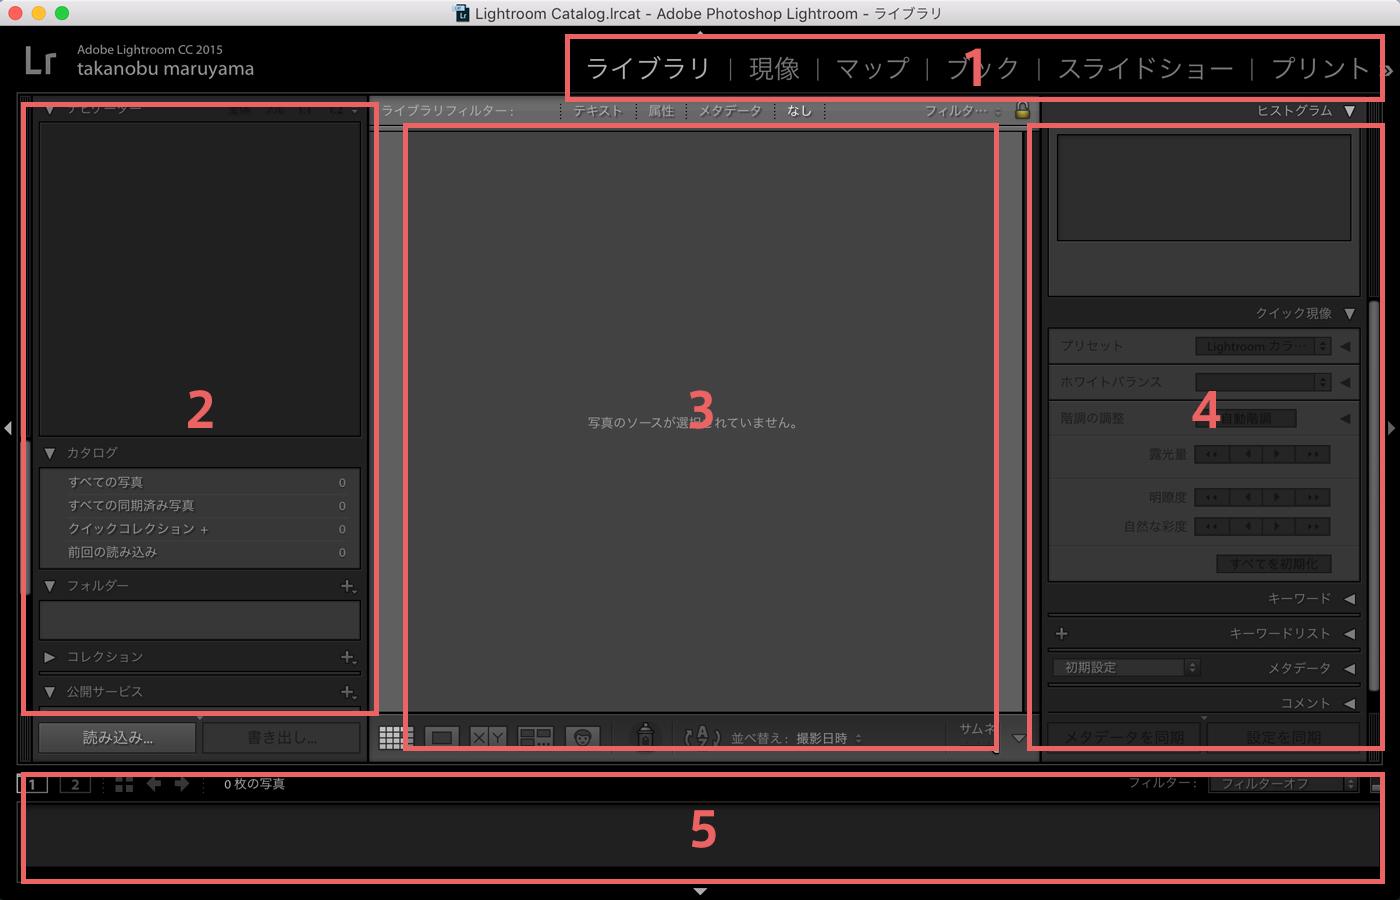 写真編集 管理ソフト Lightroom Adobe